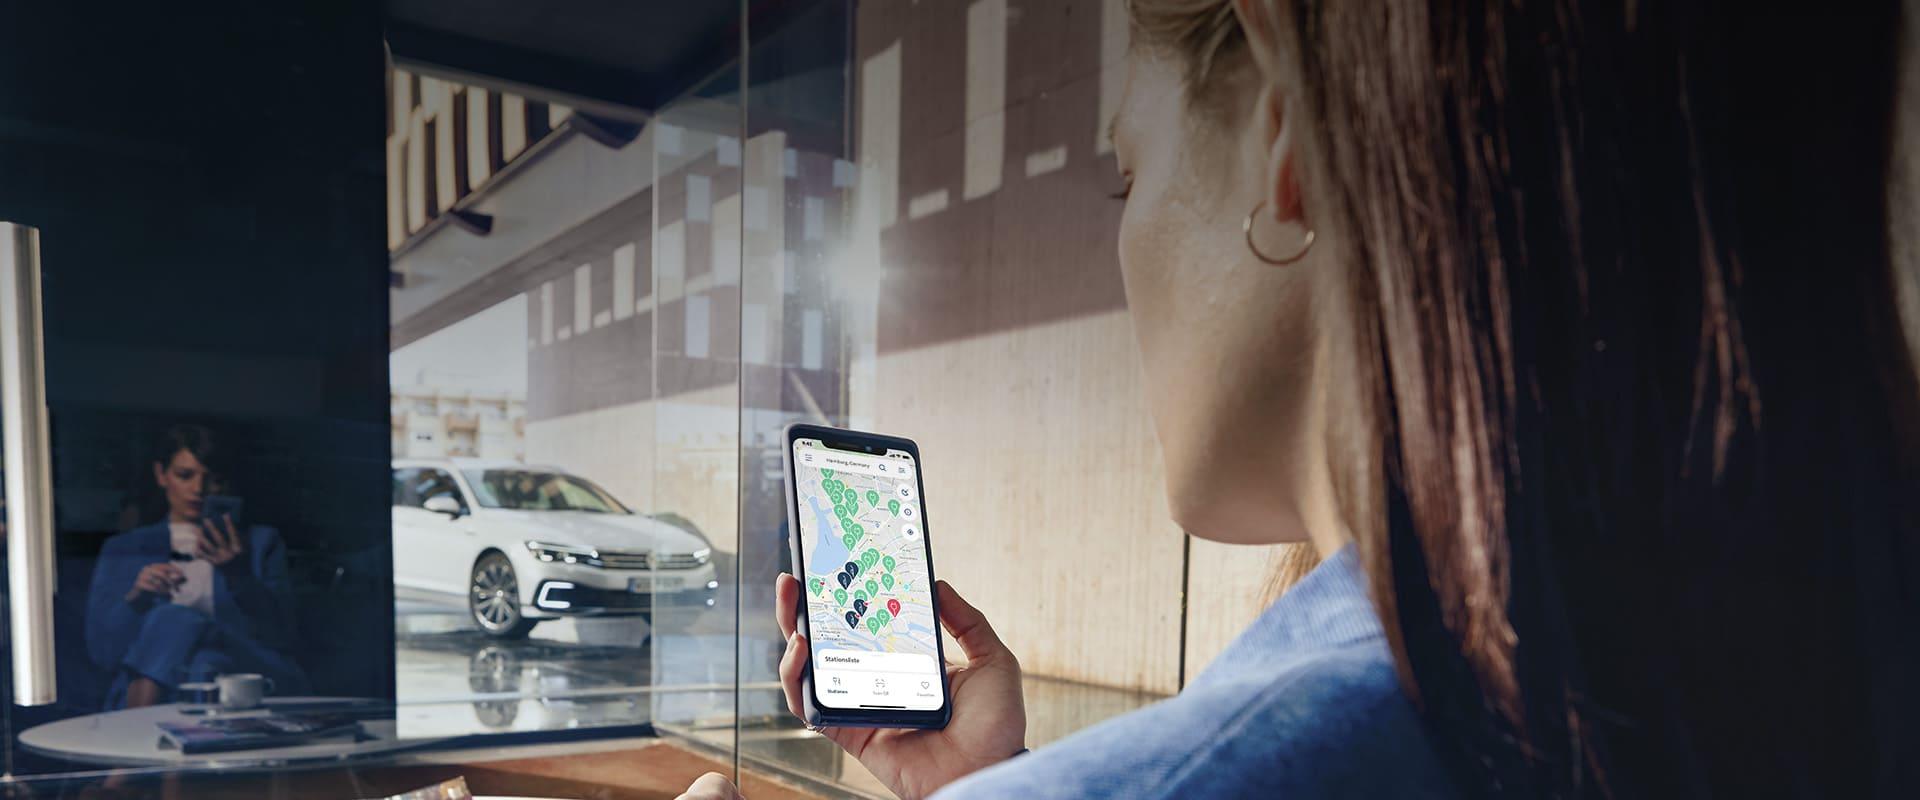 Kundin bedient Charge&Fuel App